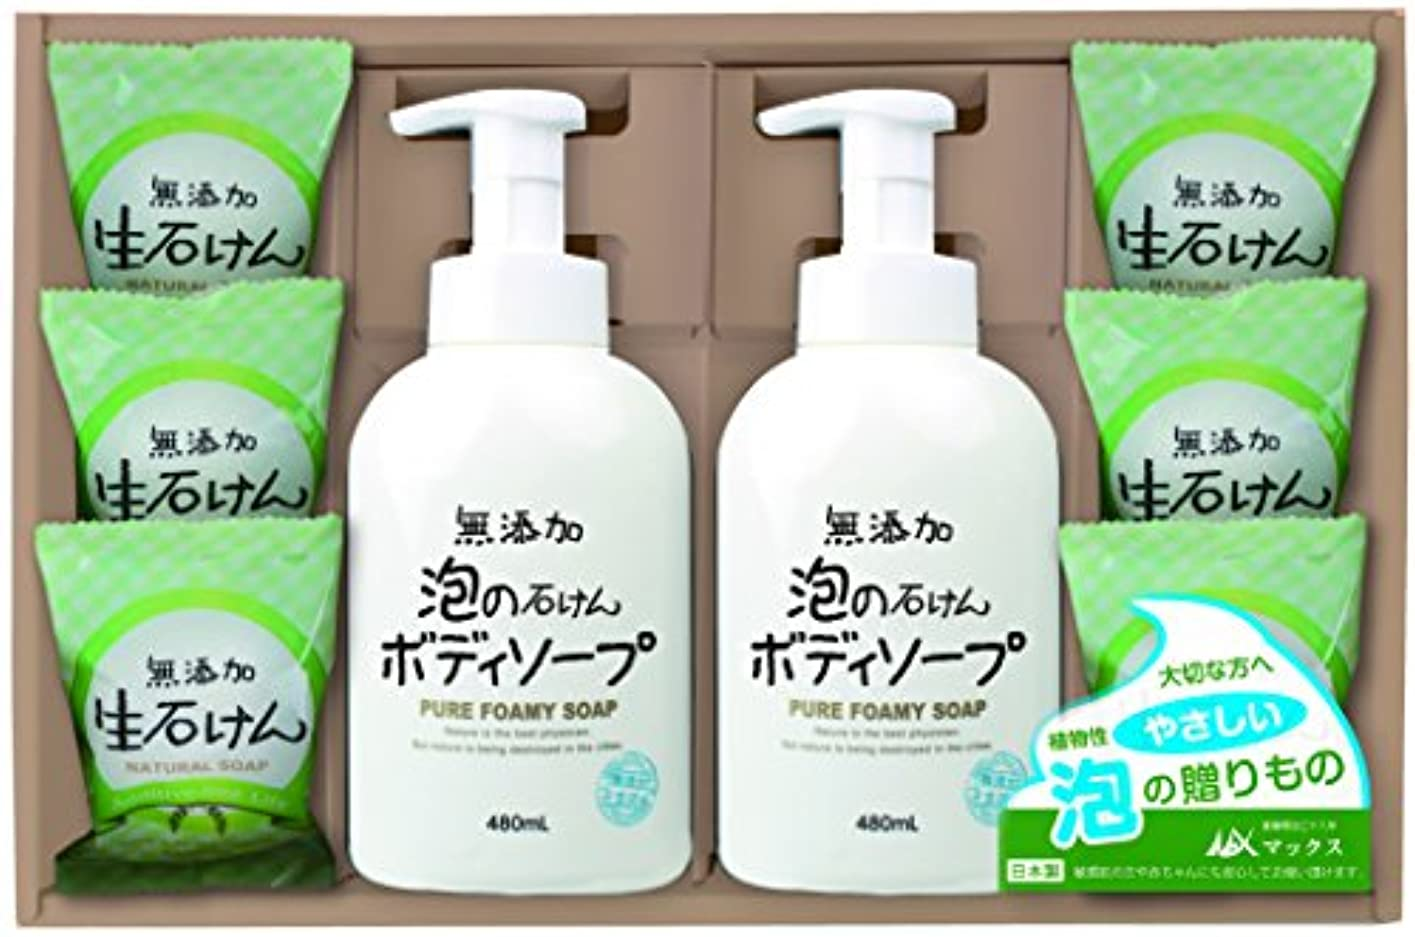 外国人飲み込むぬるいマックス 無添加ソープギフト MTG-30 石鹸6個+ボディソープ2本